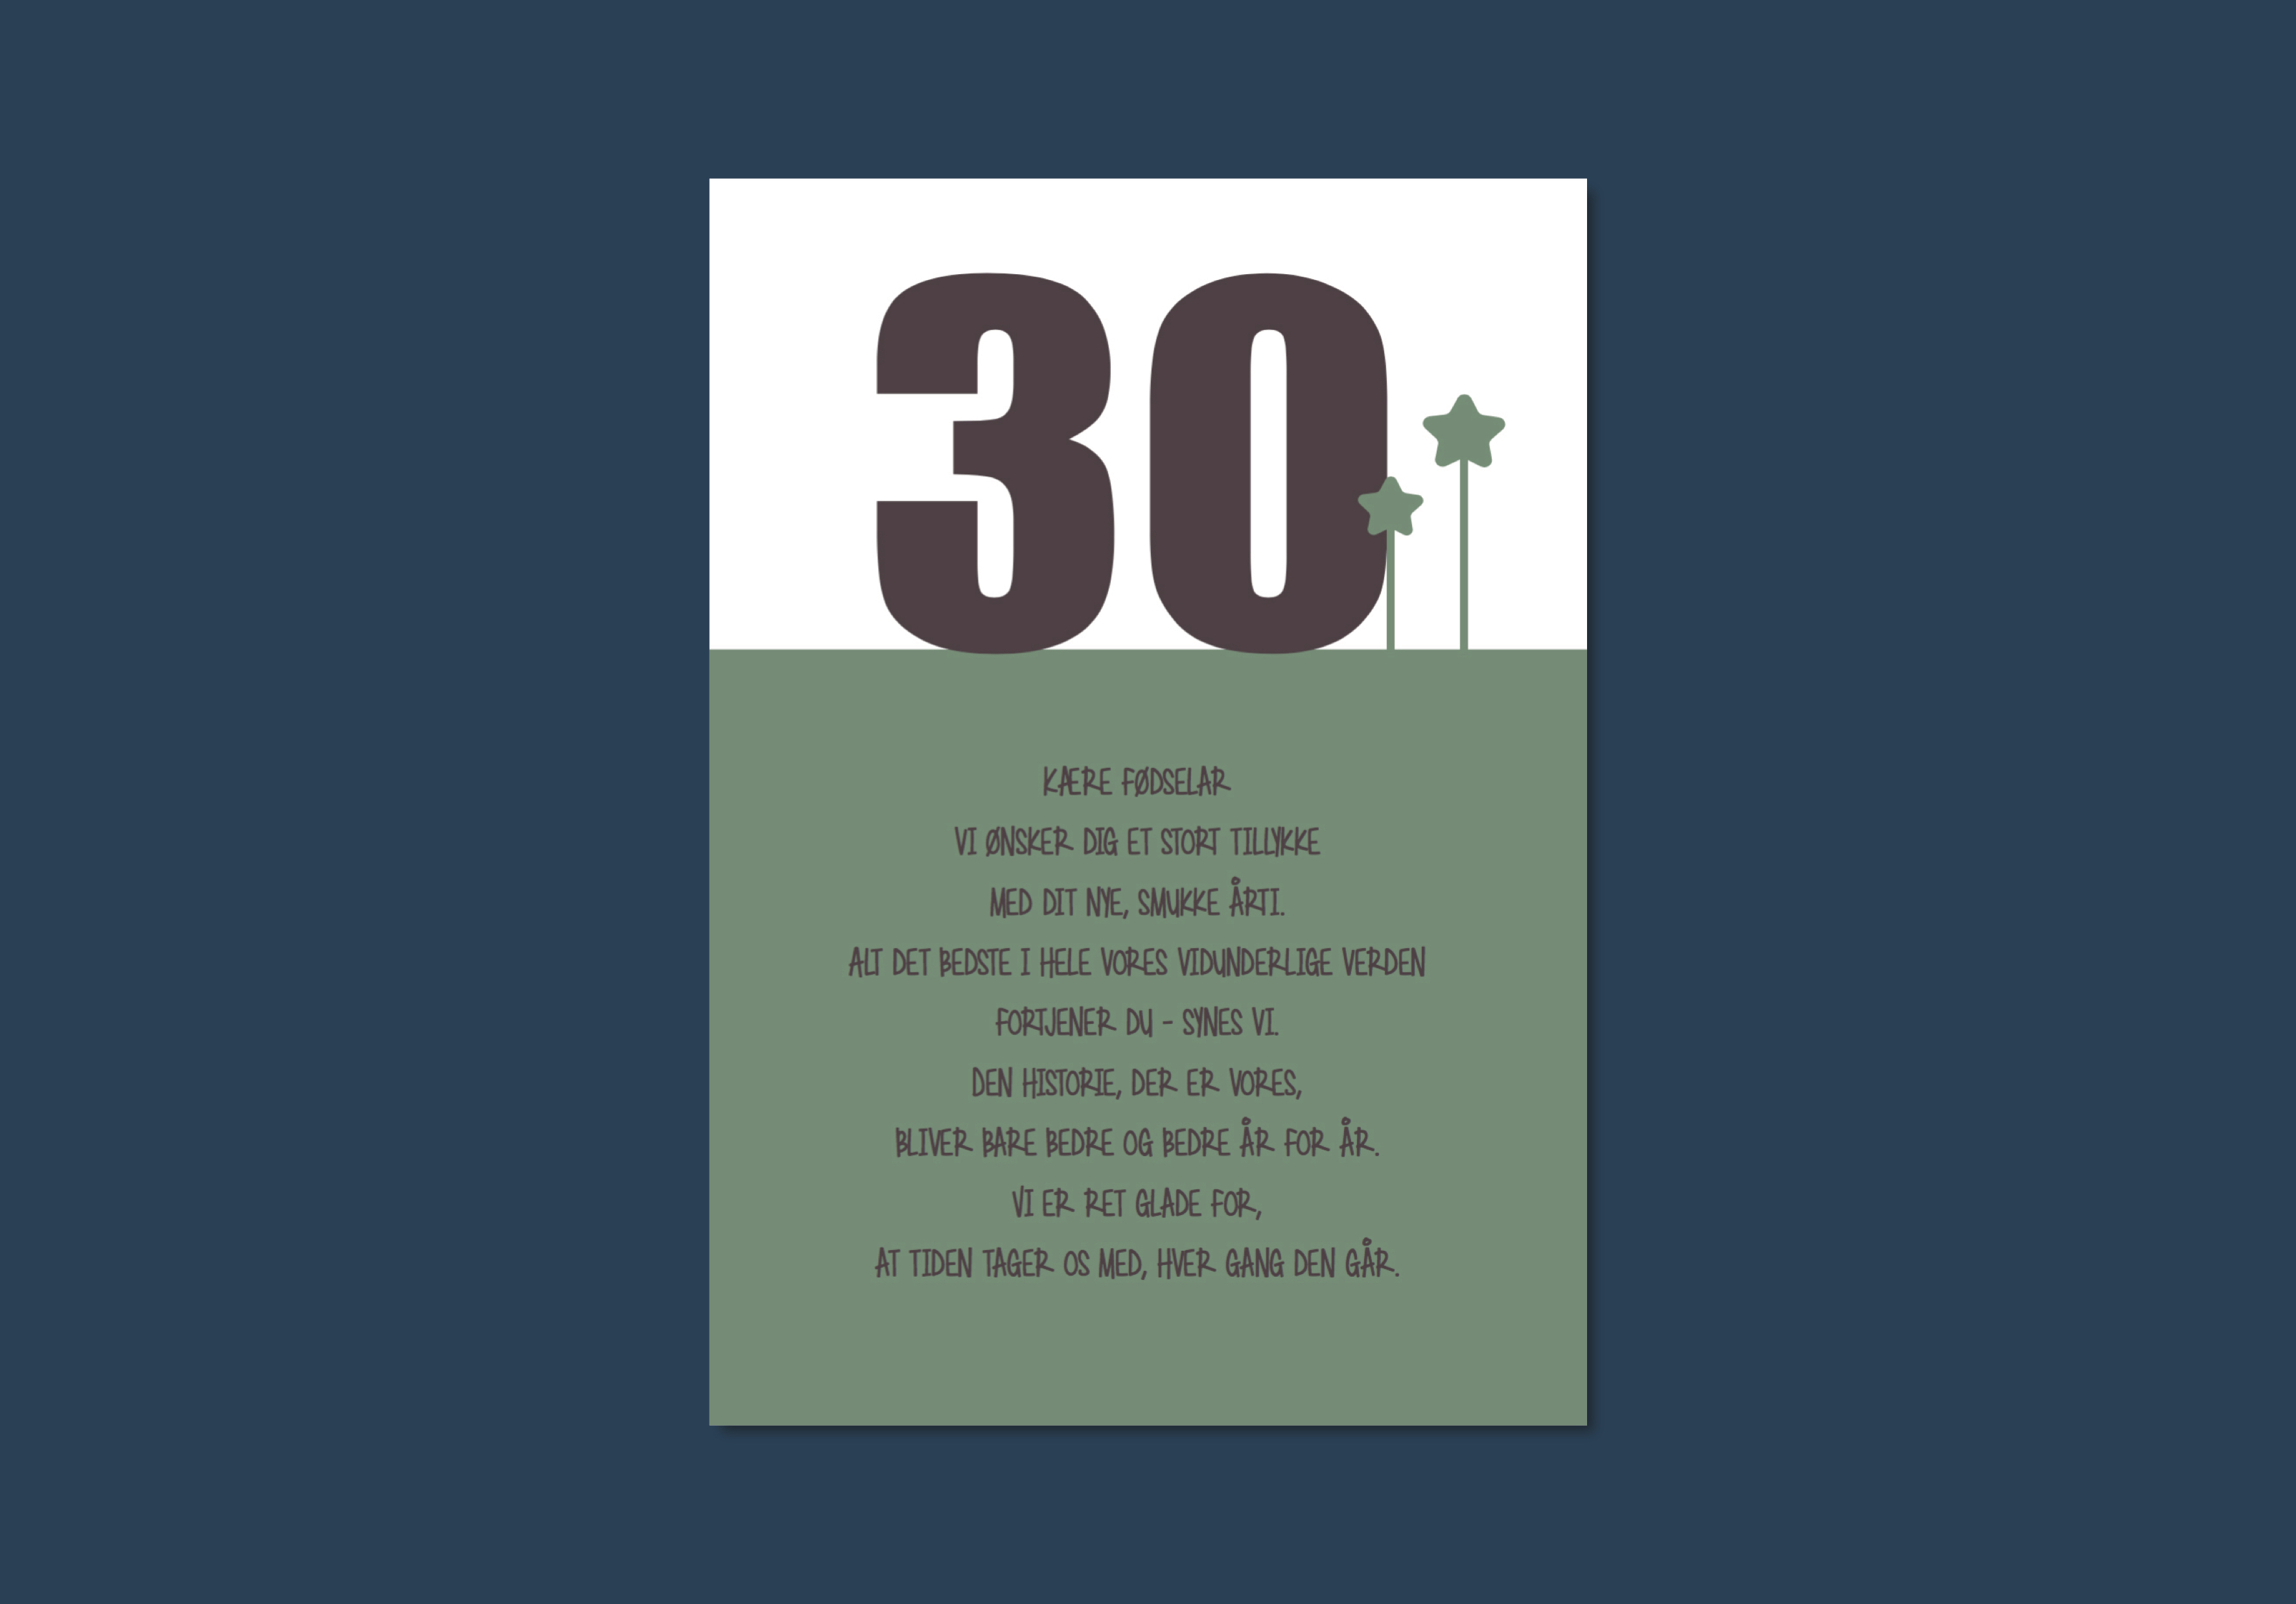 30 års fødselsdag citat   Ikke-kategoriseret   Markussnob